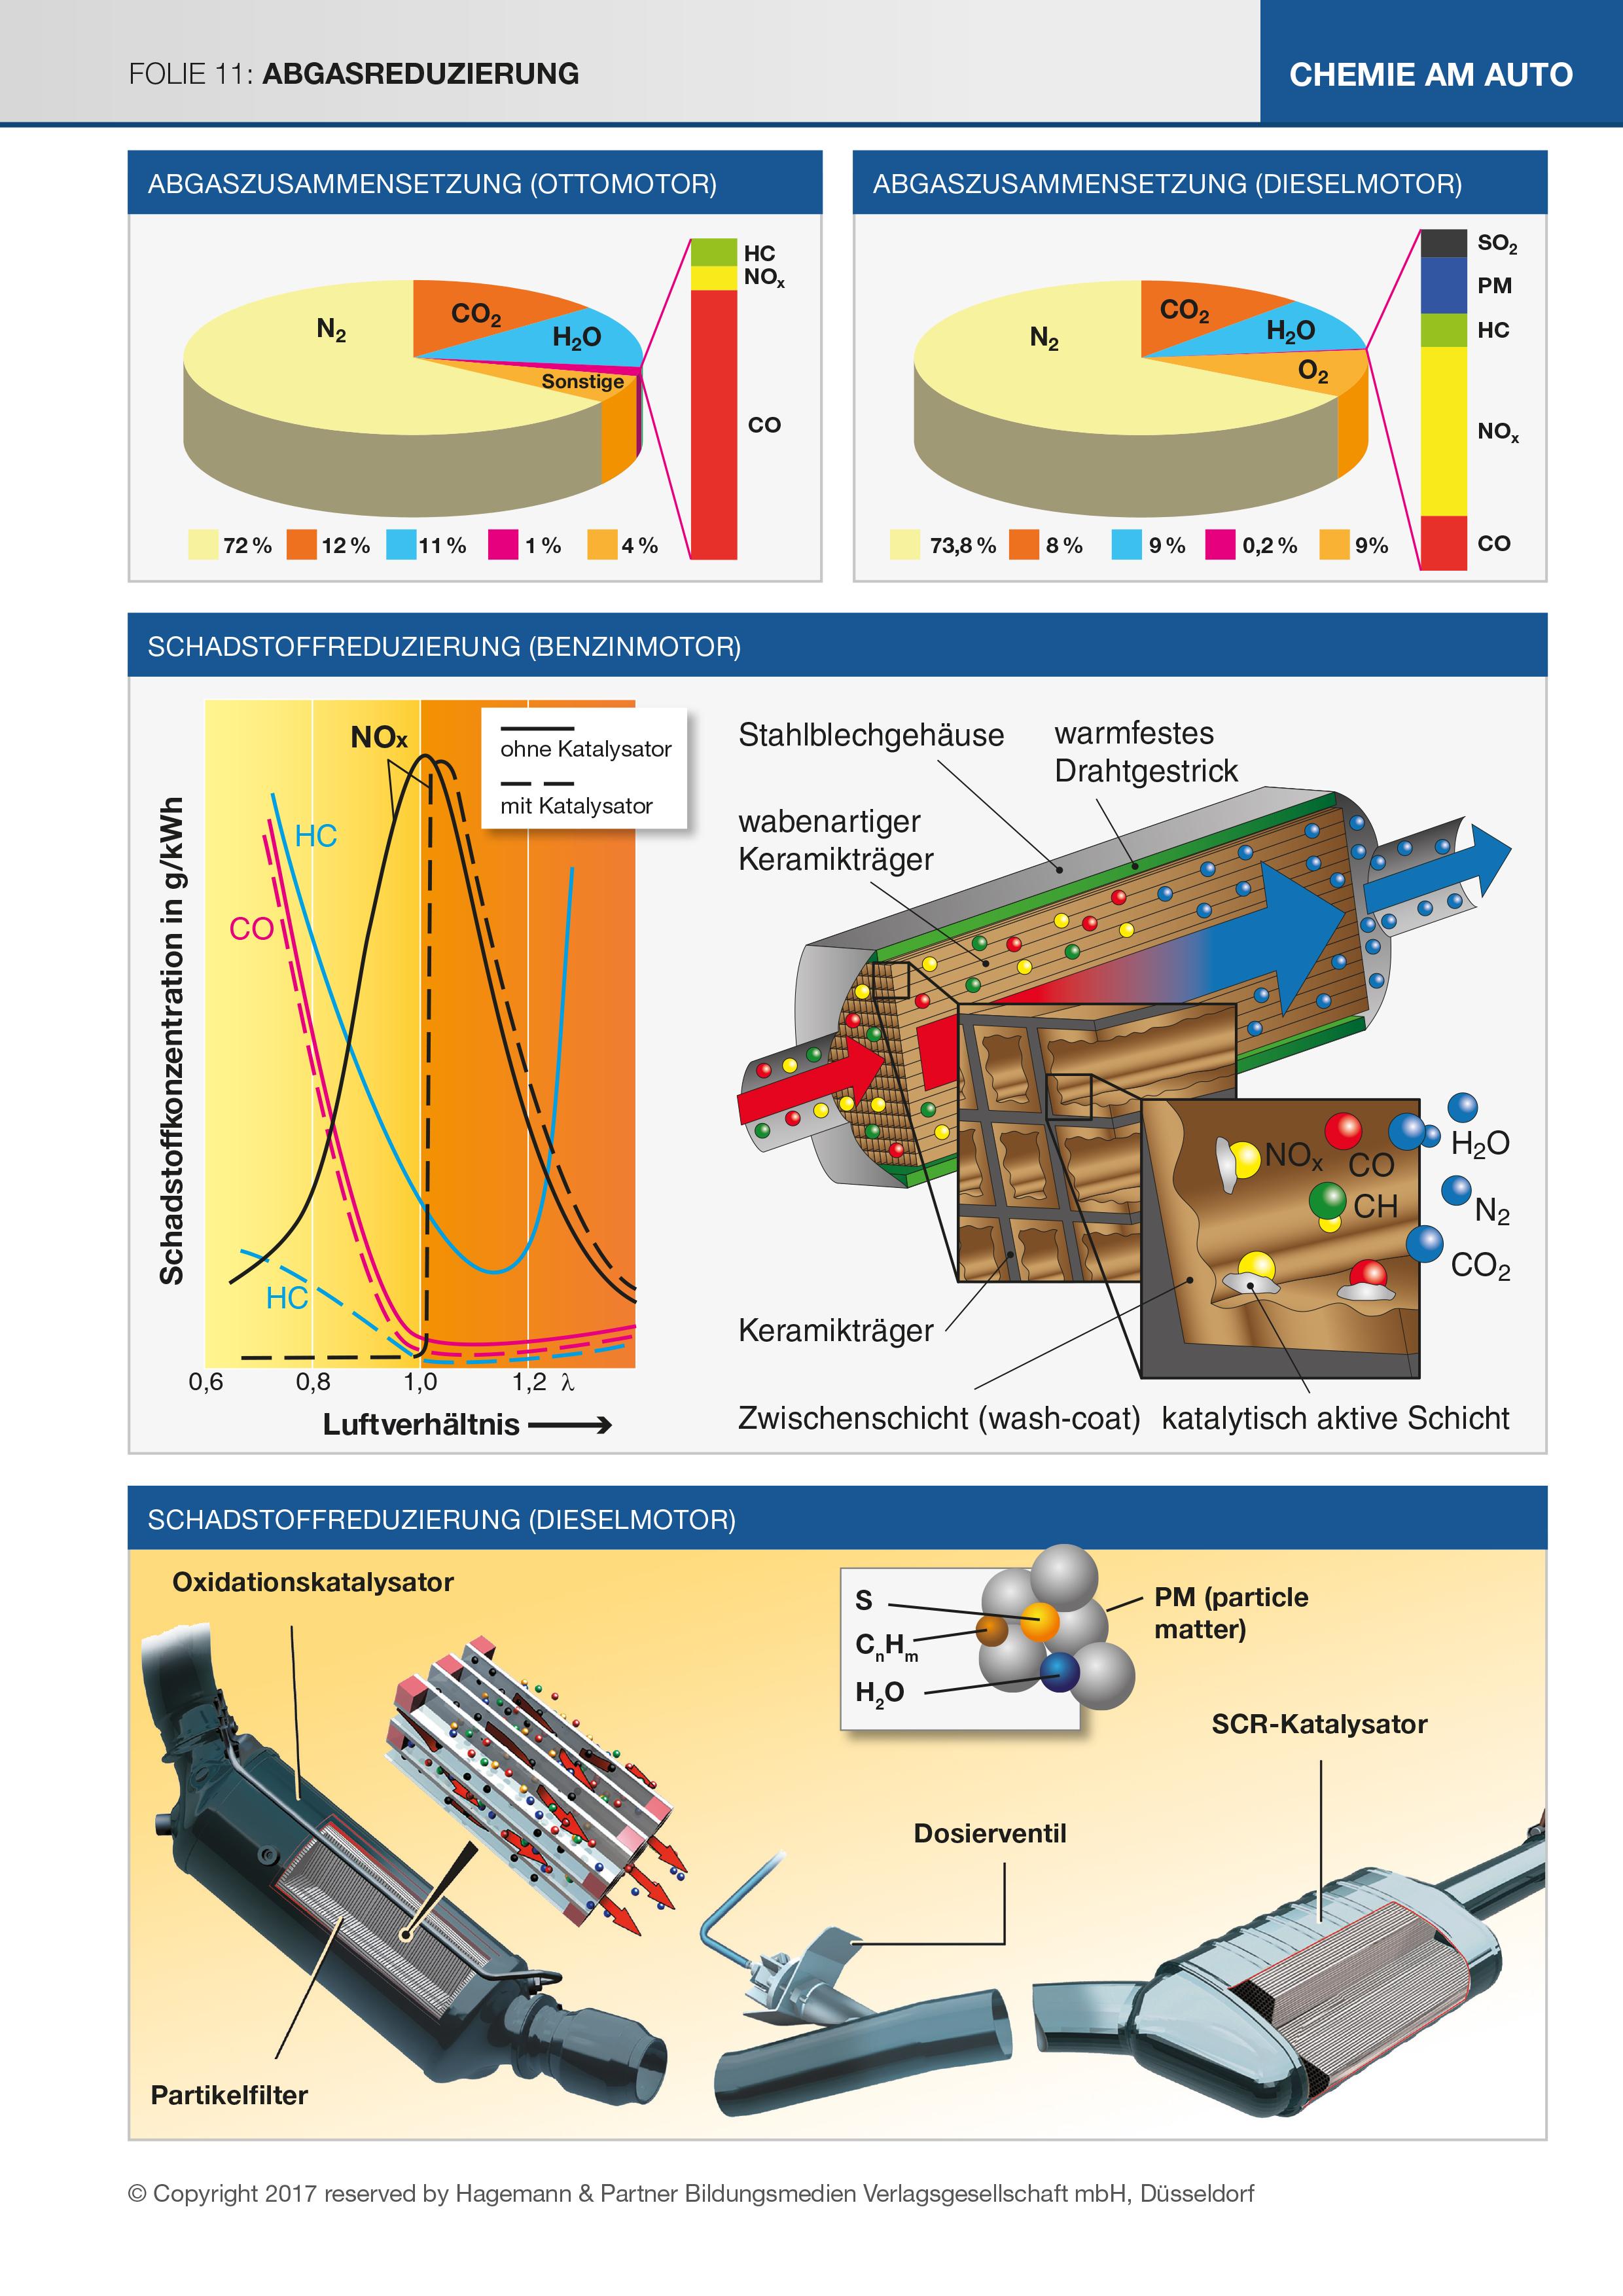 Chemie am Auto - Abgasreduzierung